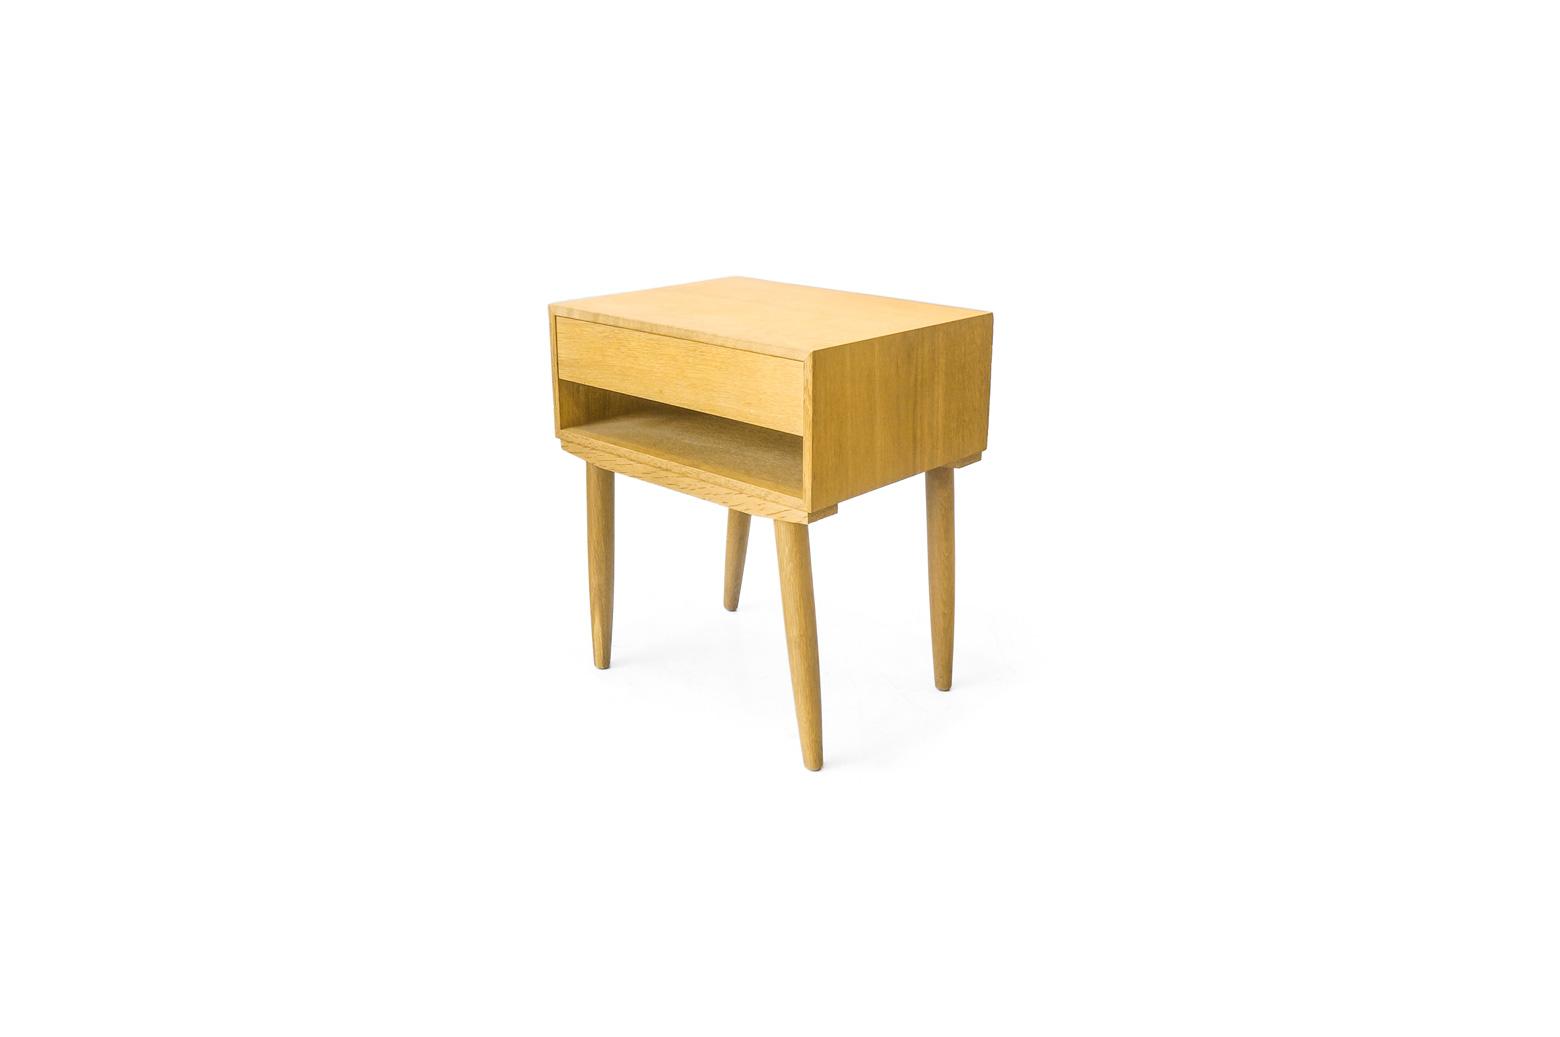 明るくナチュラルな雰囲気を味わえるオーク材を使ったベッドサイドチェスト。 取っ手を省いたフラットな面の引き出しがとてもすっきりとした印象を与えてくれます。 ハンス・J・ウェグナーのデザインでもオーク材を使ったシンプルなベッドサイドチェストがありますが、それよりもさらにシンプルさを極めたデザインになっています。 ナチュラルでコンパクトでシンプル、こんな三拍子が揃ったアイテムですから、どんなお部屋にも合わせやすく、使いやすいのは間違いないですよね。 ベッドやソファの隣や窓際、玄関などにちょこんと置いてお使いください♪ ヴィンテージ品のため、経年や使用に伴う細かな傷や擦れがございますが、大きなダメージはなく比較的良好なコンディションです。 引き出し下のオープンスペースは読みかけの雑誌やテーブル周りで行き場のなくなるリモコンなどをサッとしまえる便利なスペースです。 更に、なんと13インチのノートPCがぴったり収納できます。 天板部分にはお気に入りの花瓶などの小物をディスプレイして、引き出しには細々した物の収納に。 ちょっと狭いワンルームのお部屋でも使い方次第で、空間を有効活用できちゃいますね♪ ~【東京都杉並区阿佐ヶ谷北アンティークショップ 古一】 古一/ふるいちでは出張無料買取も行っております。杉並区周辺はもちろん、世田谷区・目黒区・武蔵野市・新宿区等の東京近郊のお見積もりも!ビンテージ家具・インテリア雑貨・ランプ・USED品・ リサイクルなら古一/フルイチへ~